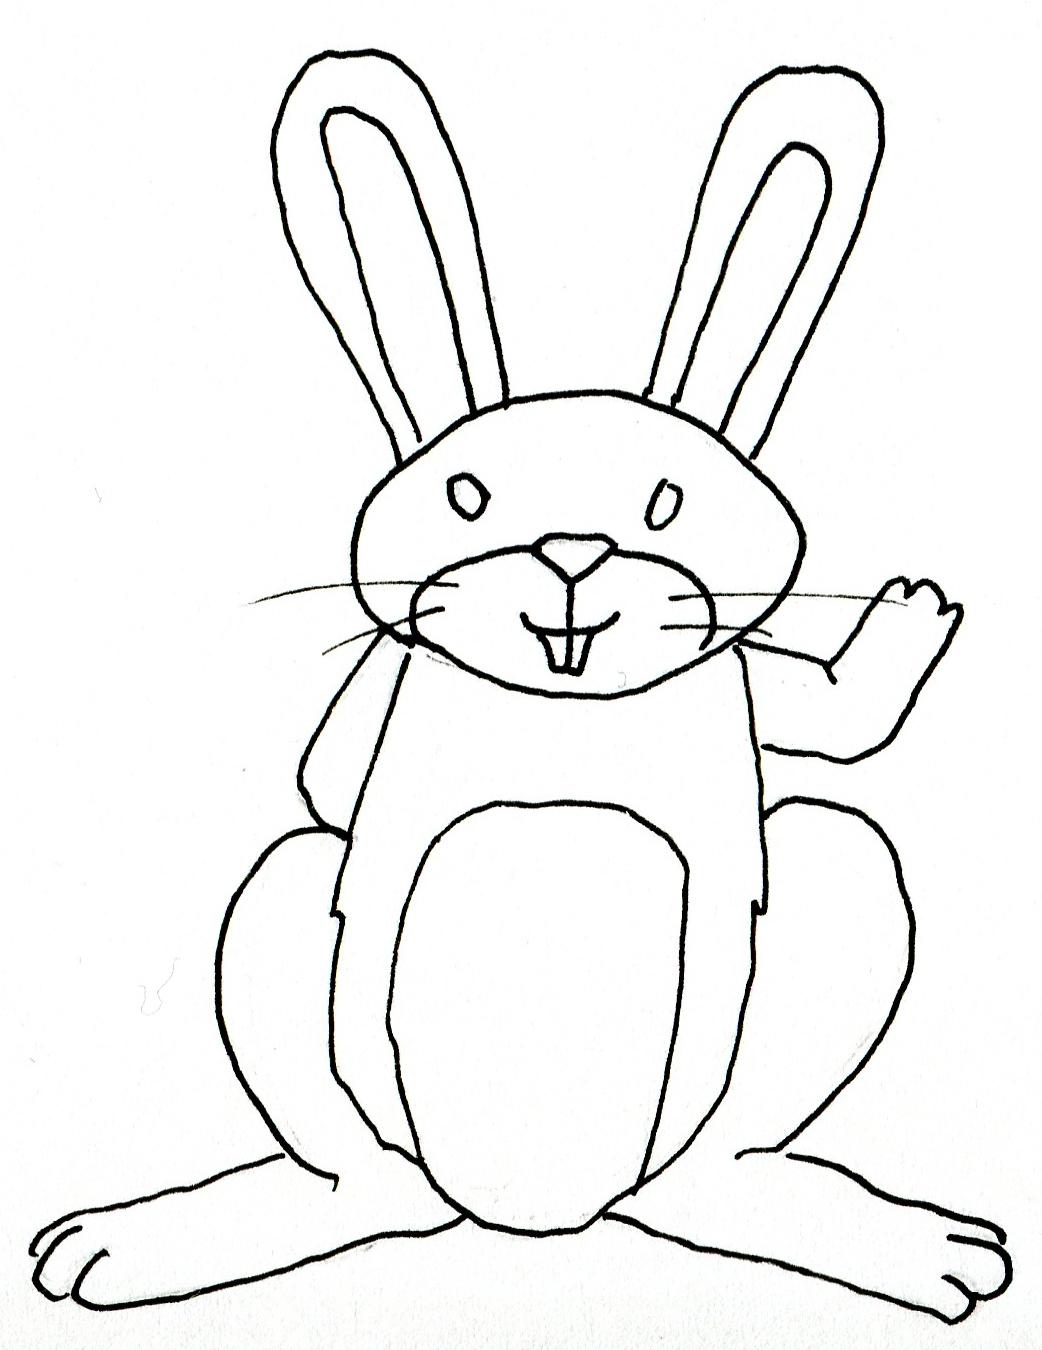 Pr parer la colorisation d 39 un dessin scann la classe des gnomes - Dessin un lapin ...